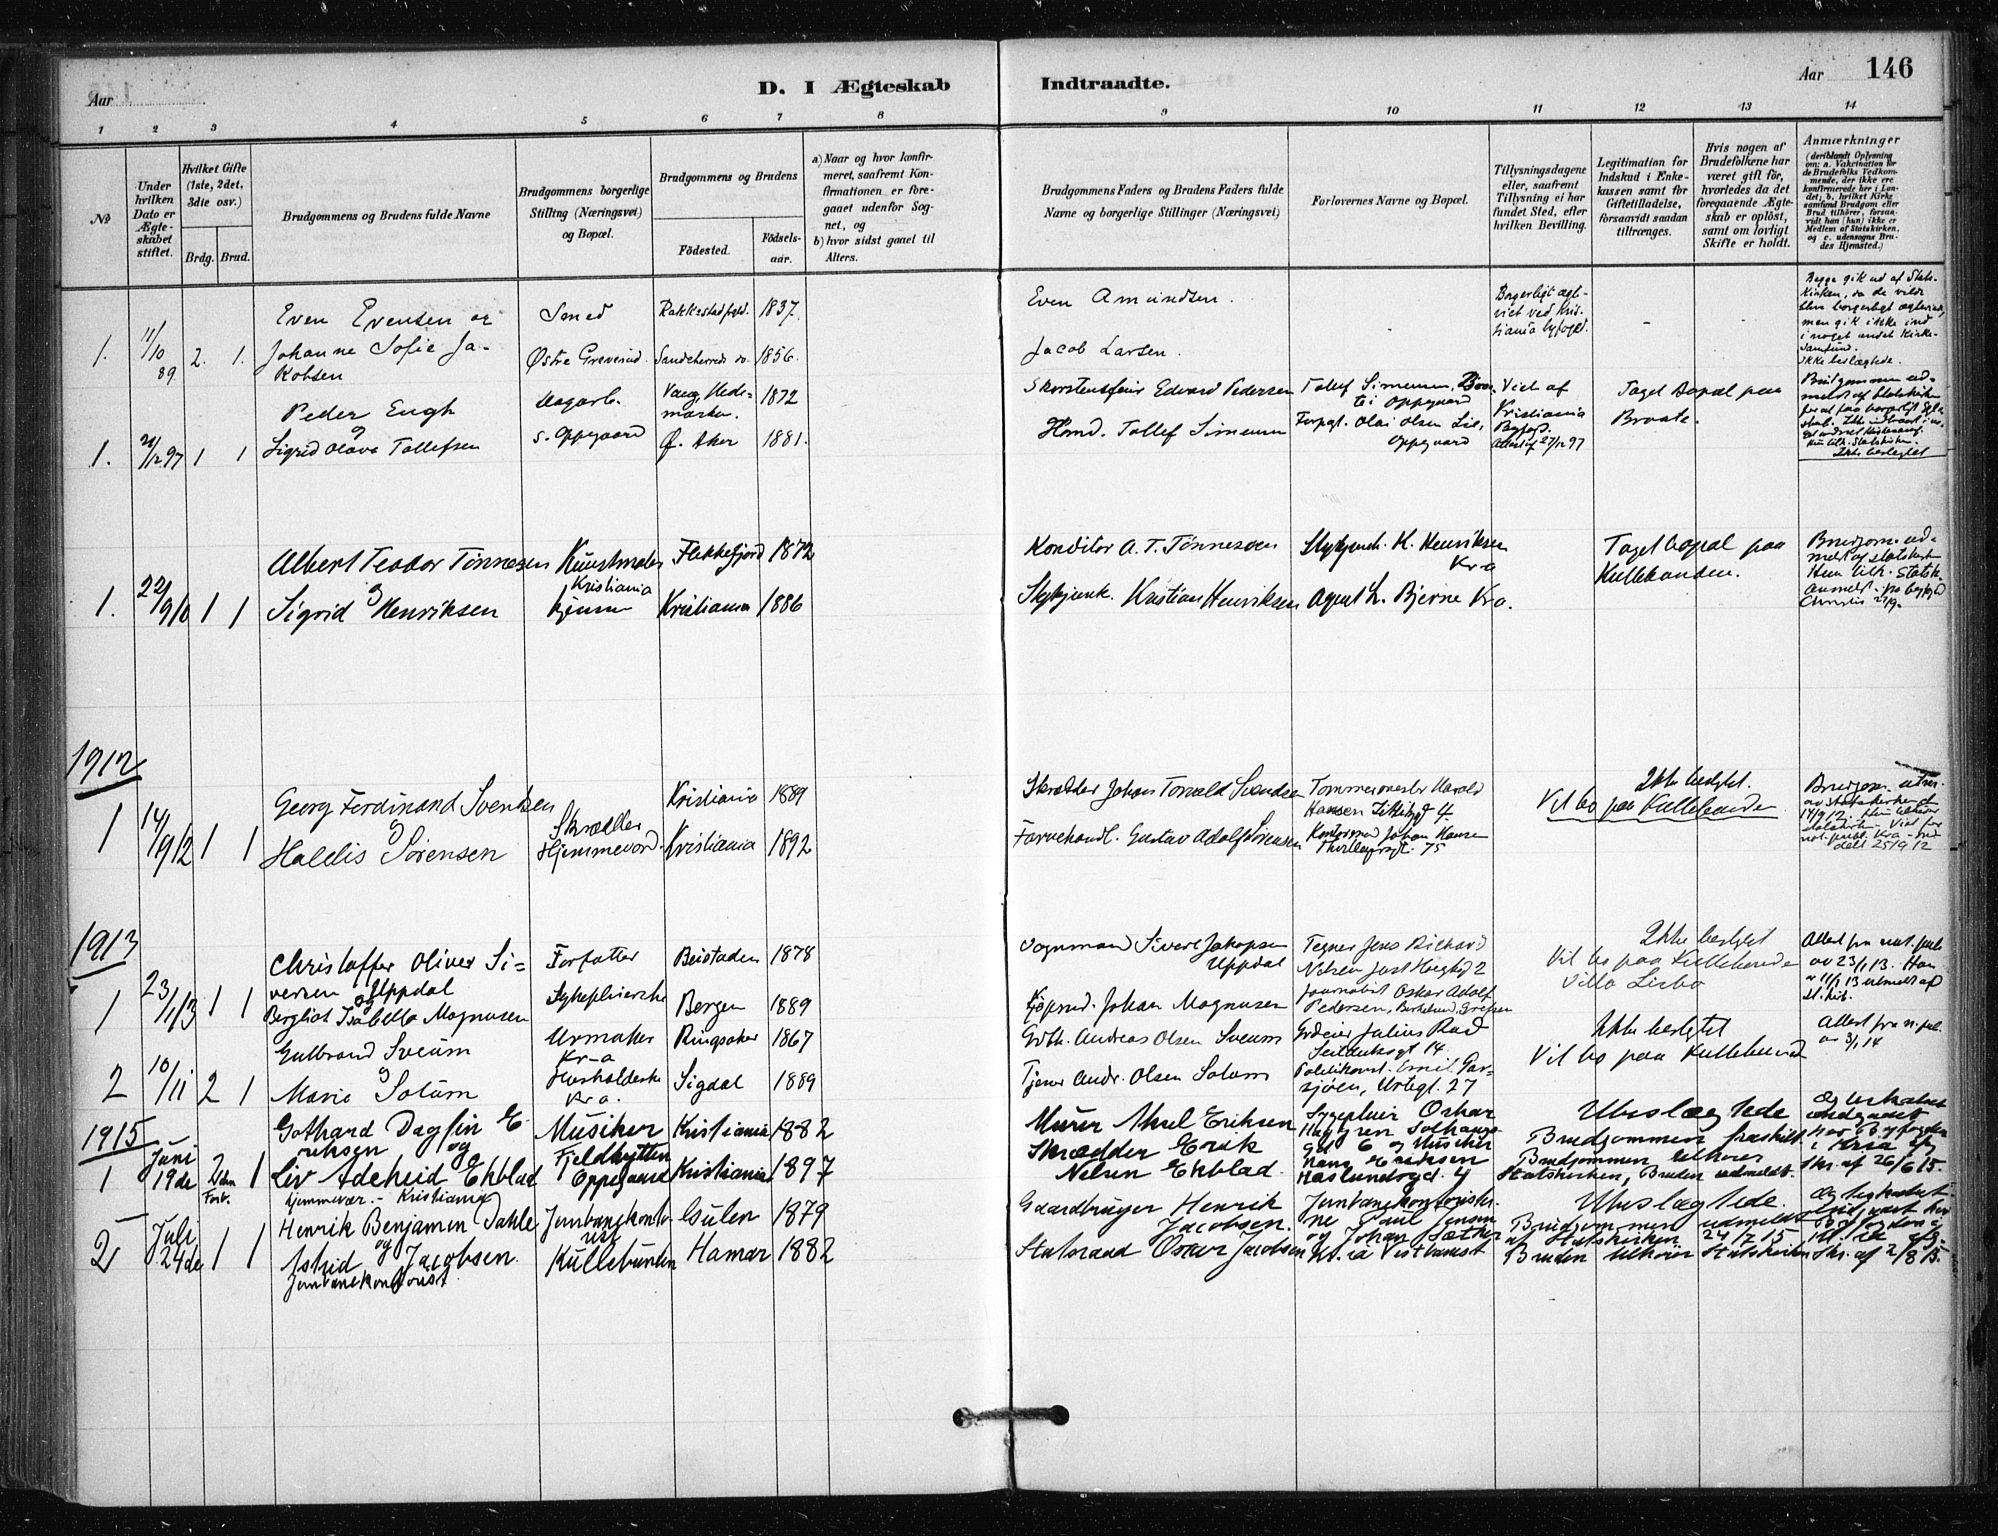 SAO, Nesodden prestekontor Kirkebøker, F/Fb/L0001: Parish register (official) no. II 1, 1880-1915, p. 146